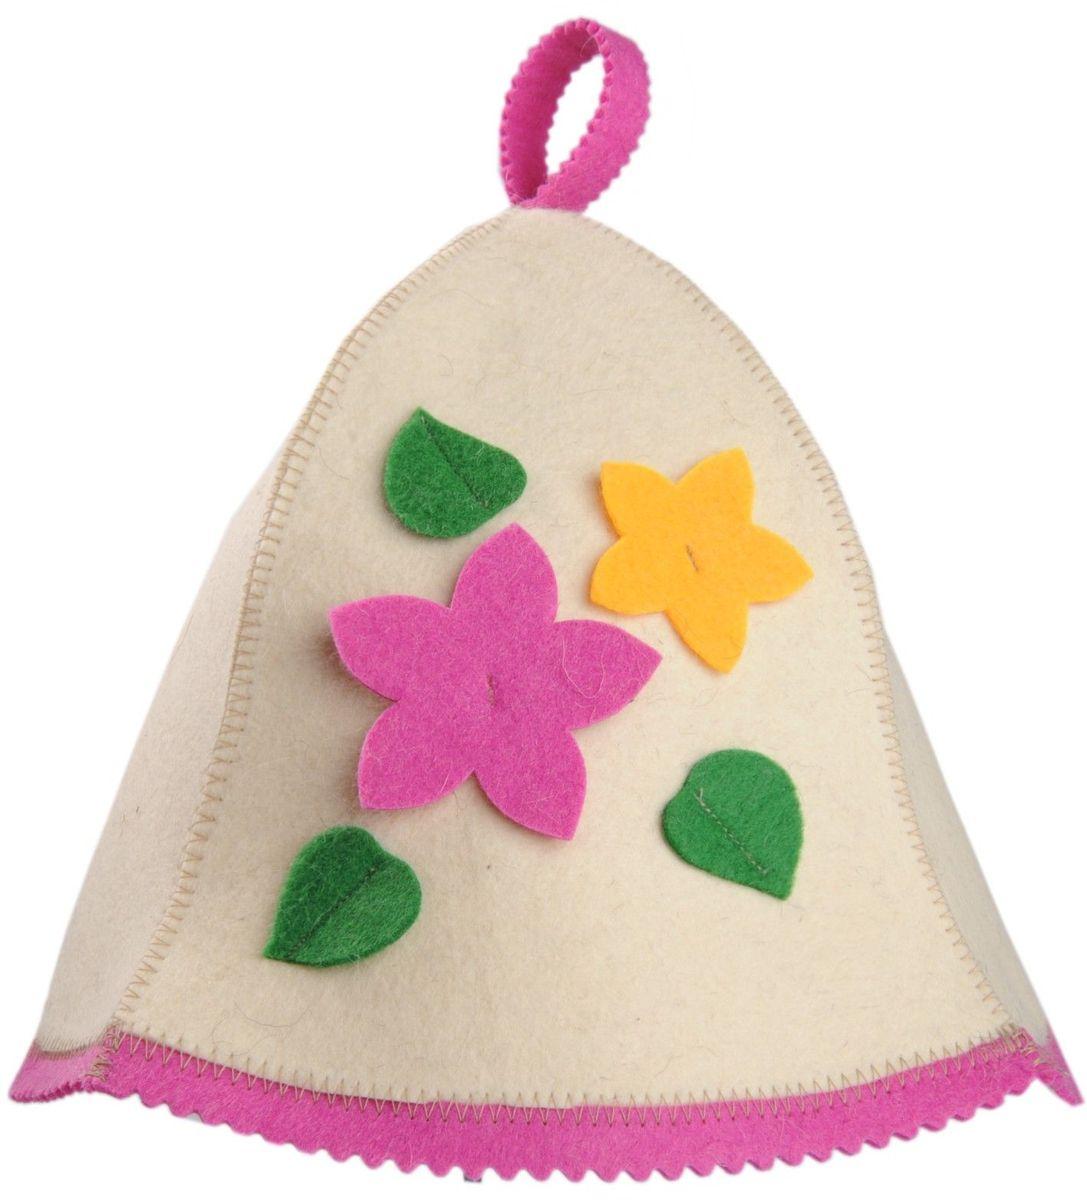 Шапка для бани и сауны Доктор баня Букет, цвет: розовыйC0042415Шапка для бани и сауны Доктор баня Букет выполнена из войлока (100% шерсть) и декорирована аппликацией в виде цветов и листочков. Шапка для бани и сауны - это оригинальный и незаменимый аксессуар для любителей попариться в русской бане и для тех, кто предпочитает сухой жар финской бани. Необычный дизайн изделия поможет сделать ваш отдых более приятным и разнообразным.При правильном уходе шапка прослужит долгое время - достаточно просушивать ее, подвешивая за петельку. Диаметр по нижнему краю: 31 см. Длина шапки (наибольшая): 26 см.